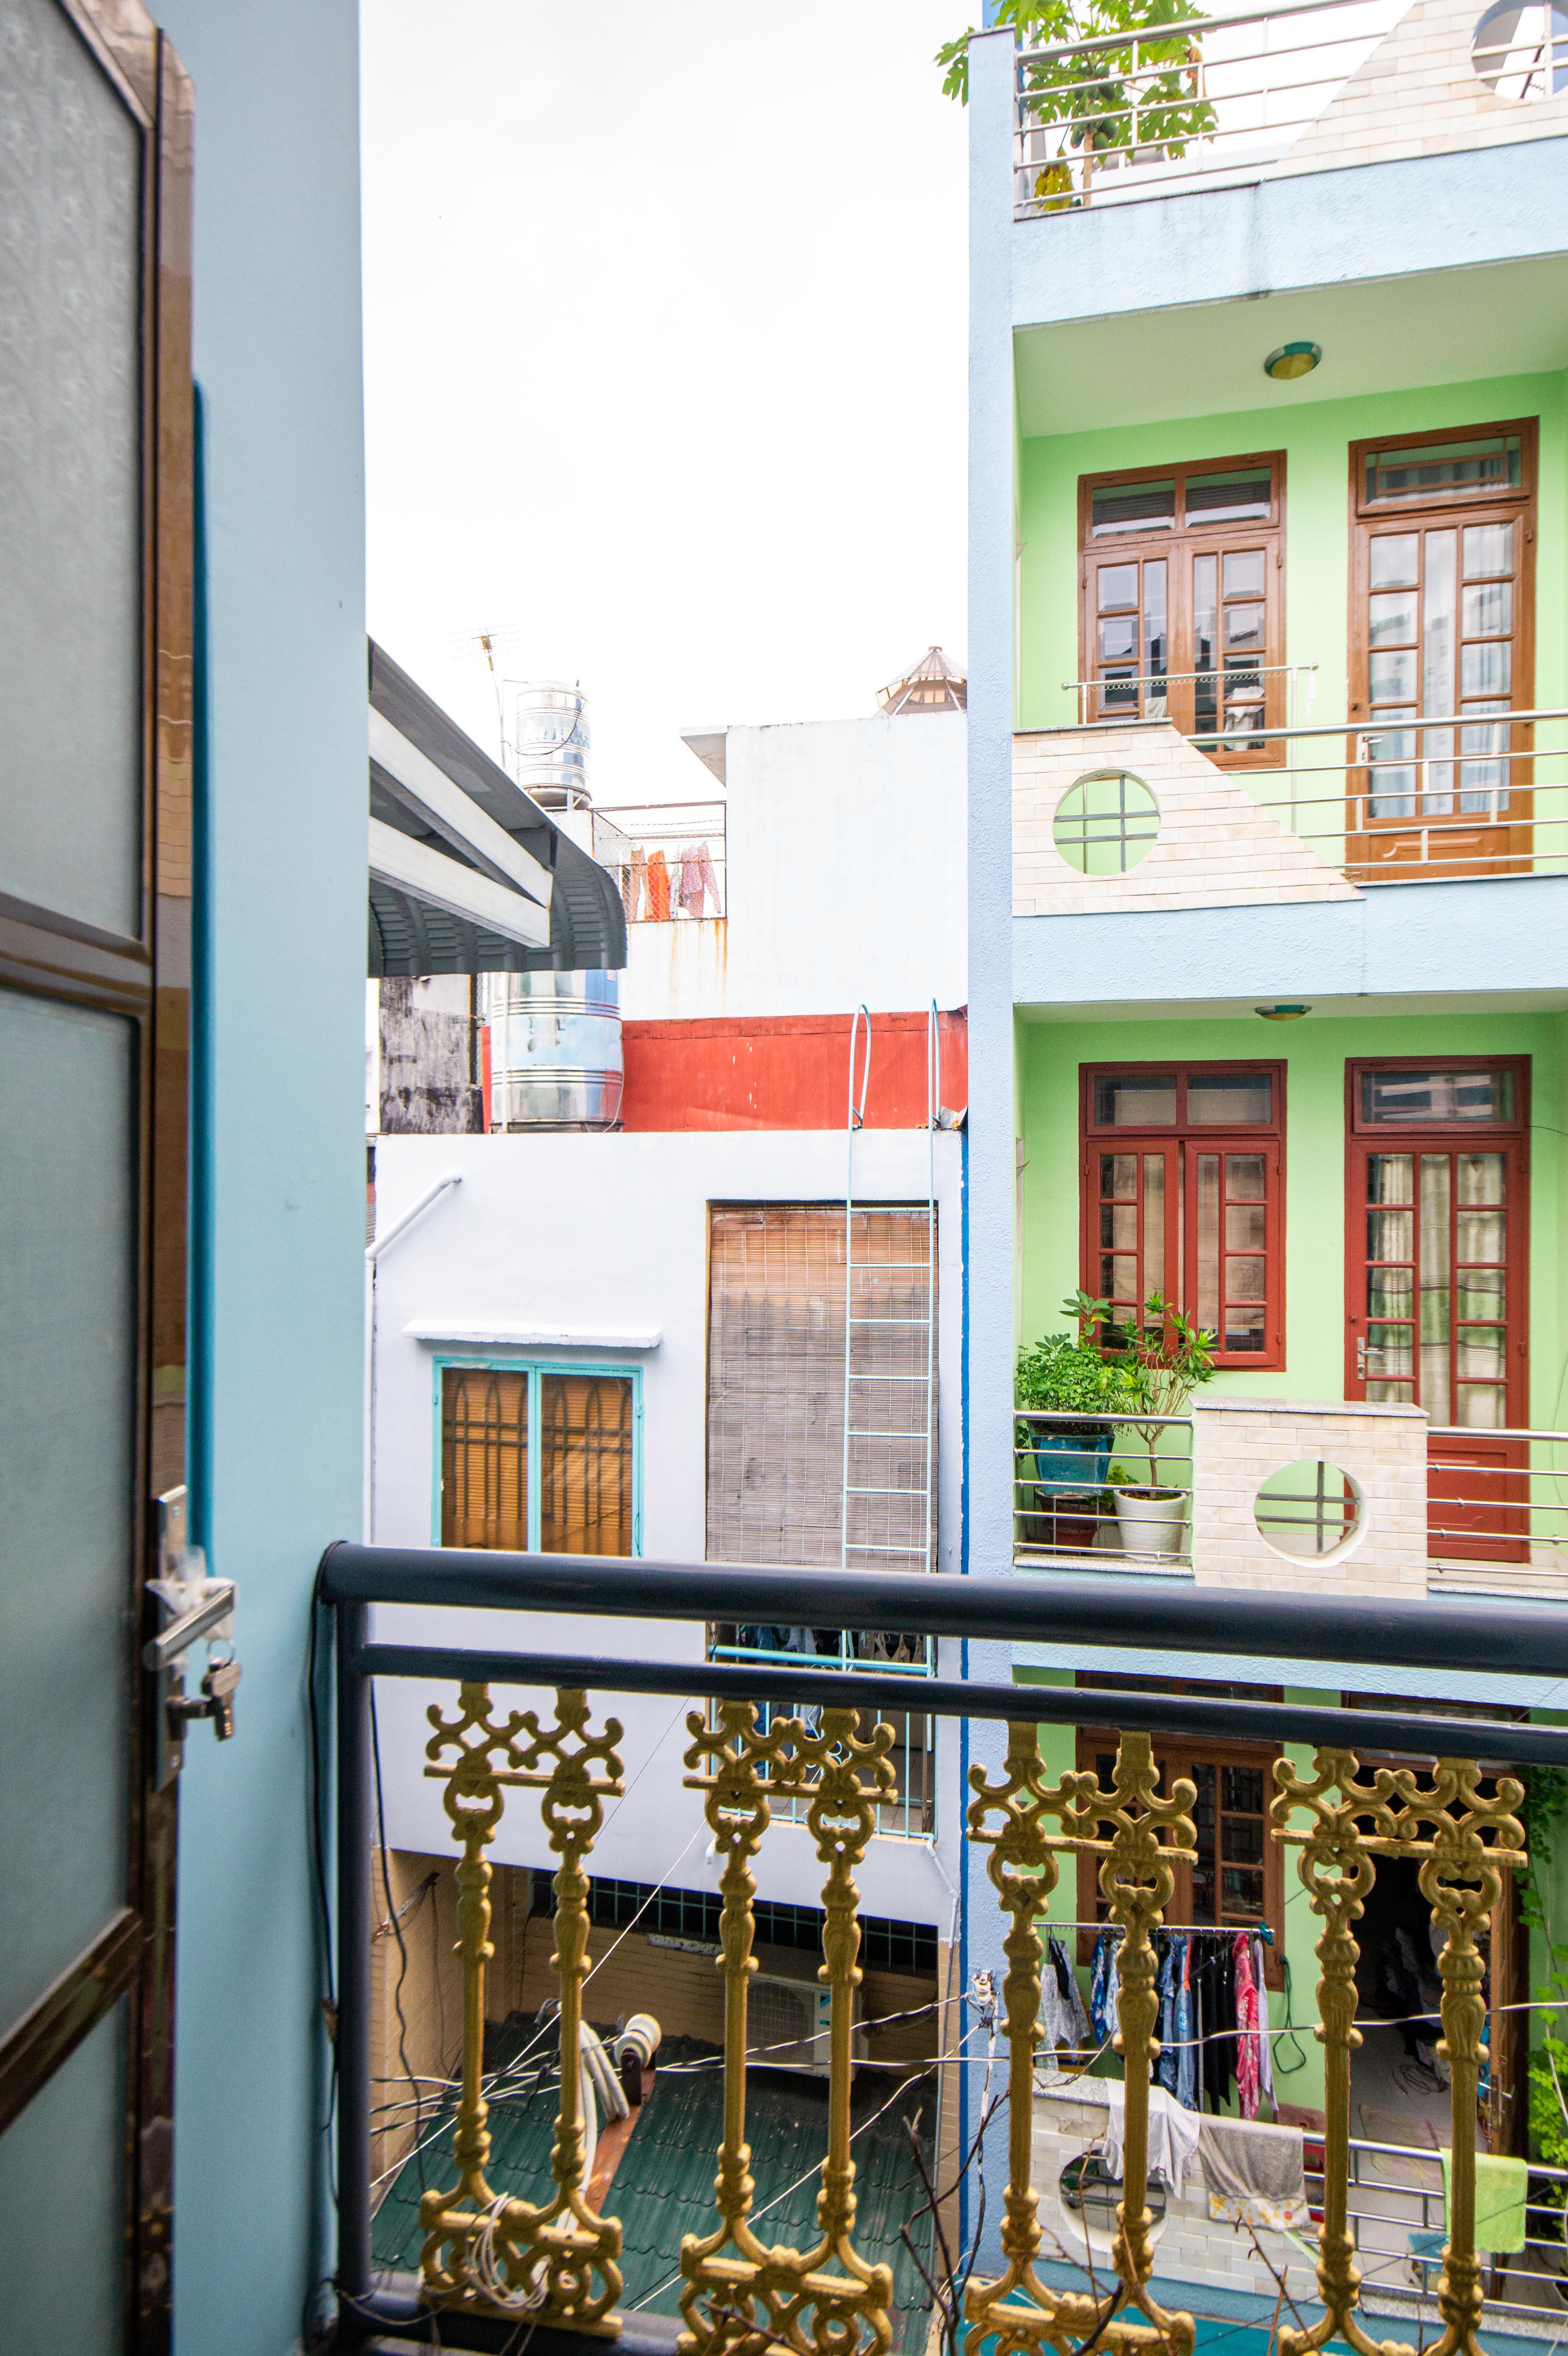 Cho Thuê Căn hộ 1 PN Nguyen Dinh Chieu D3 Apartment - Có Bồn Tắm -7